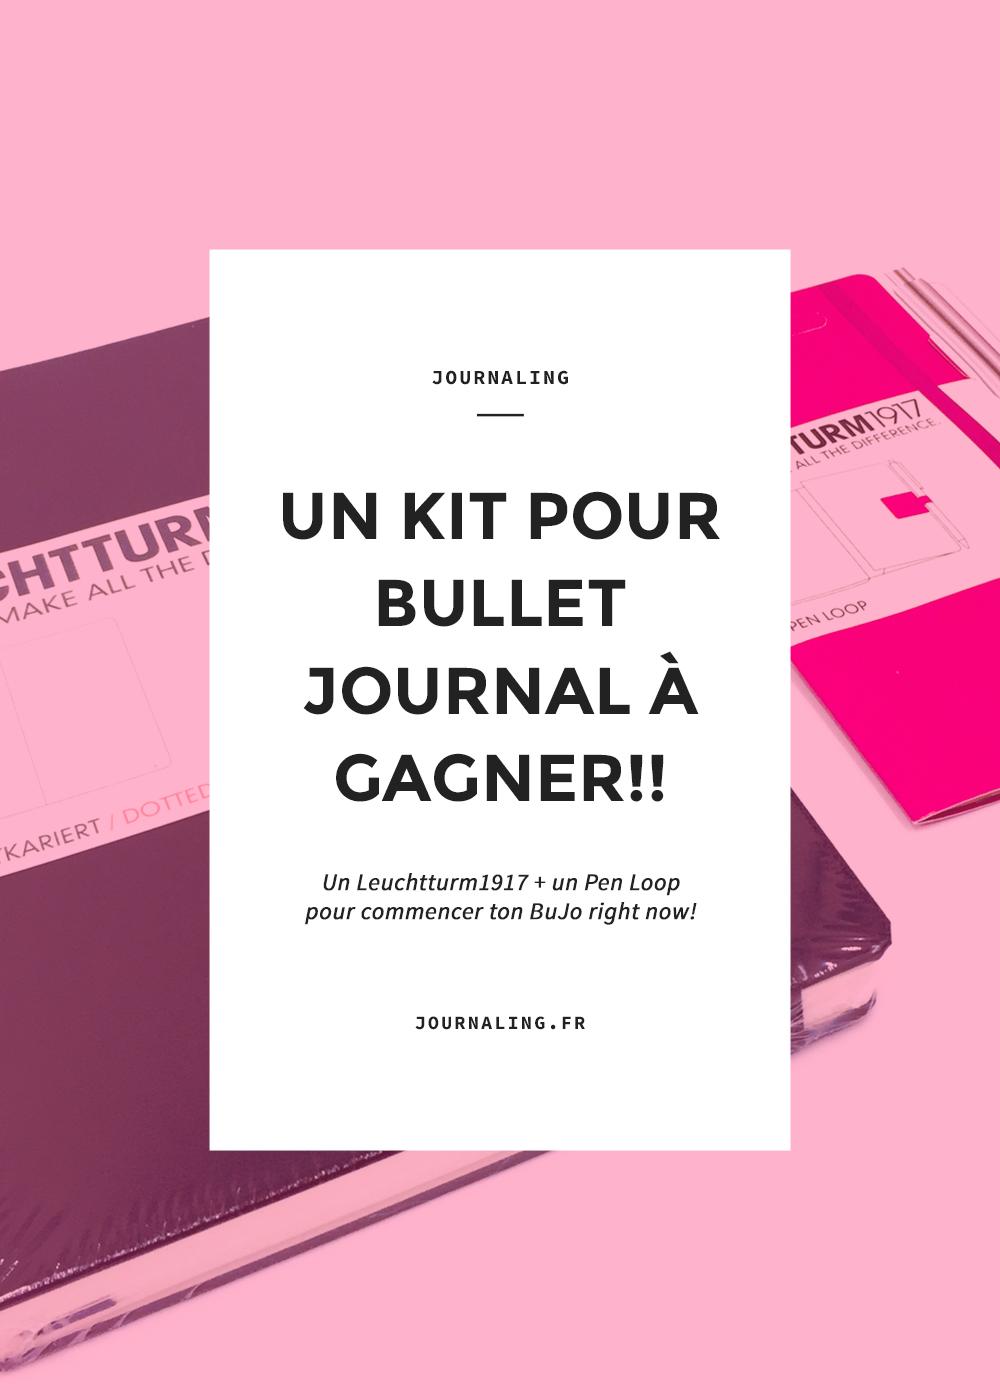 kit-bullet-journal-a-gagner